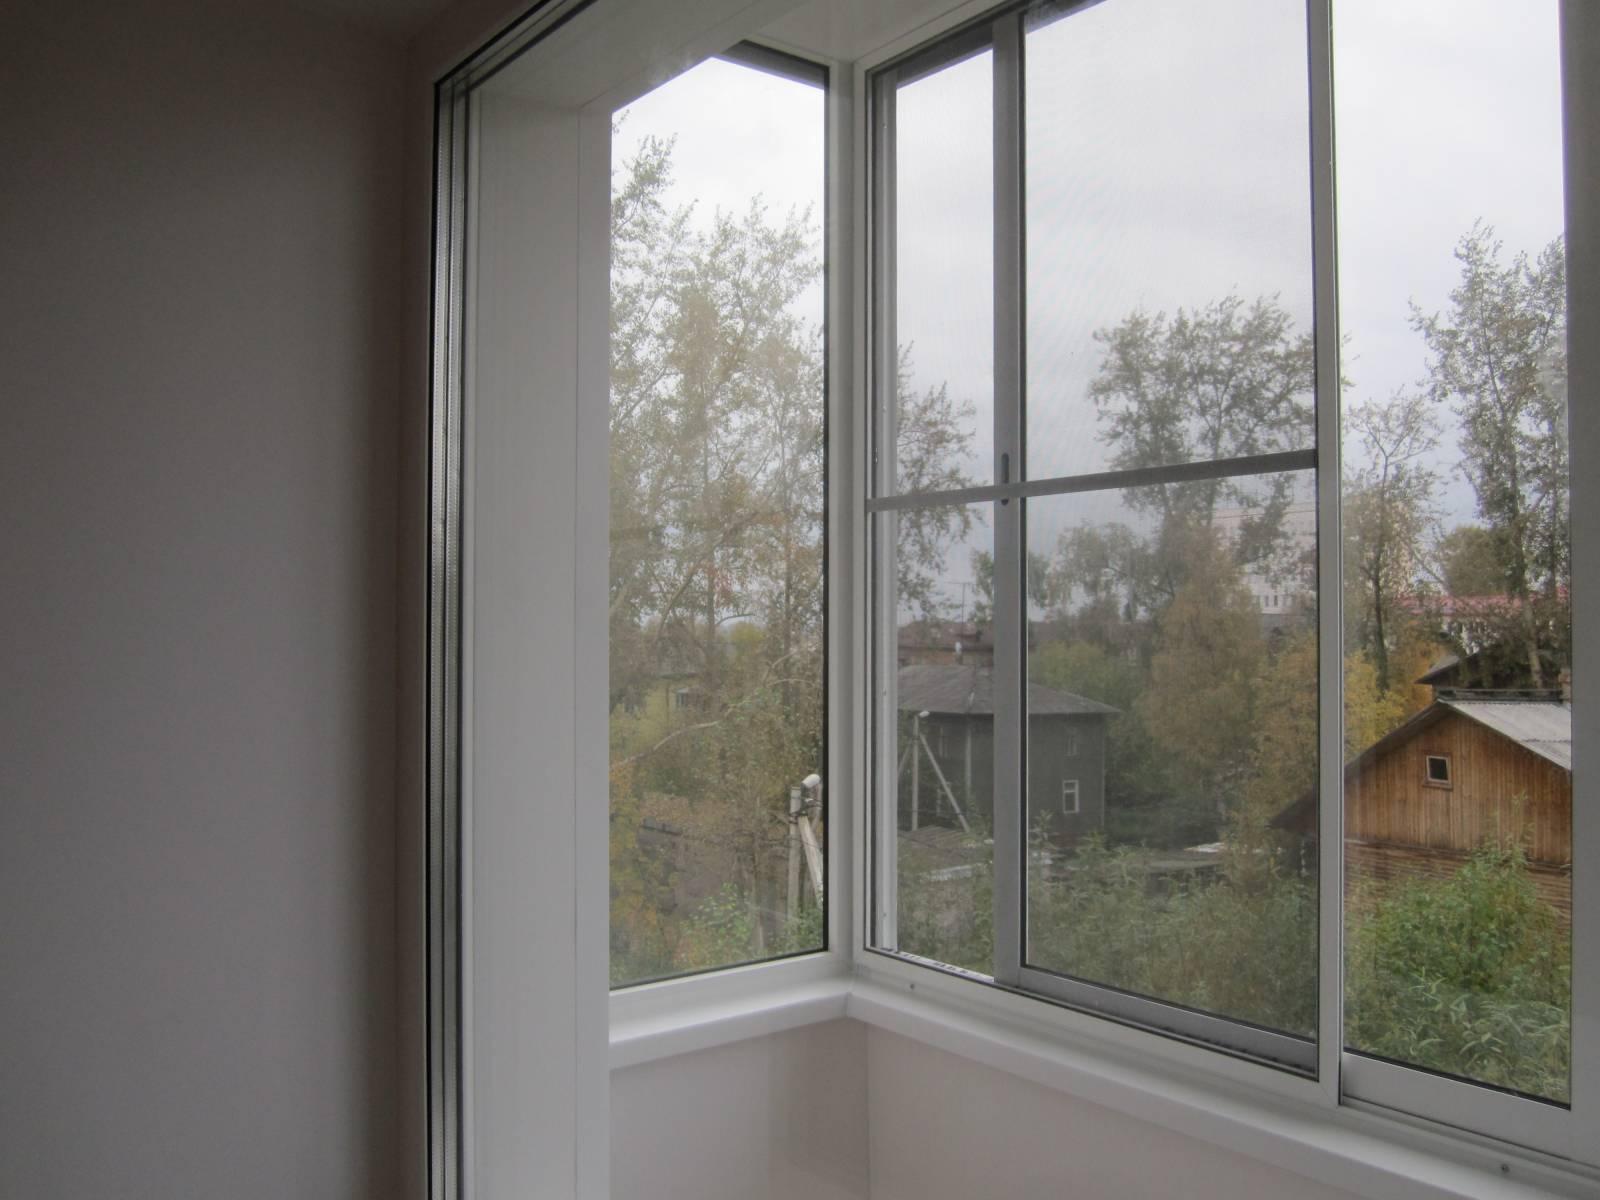 Купить сетку москитную на алюминиевый балкон.